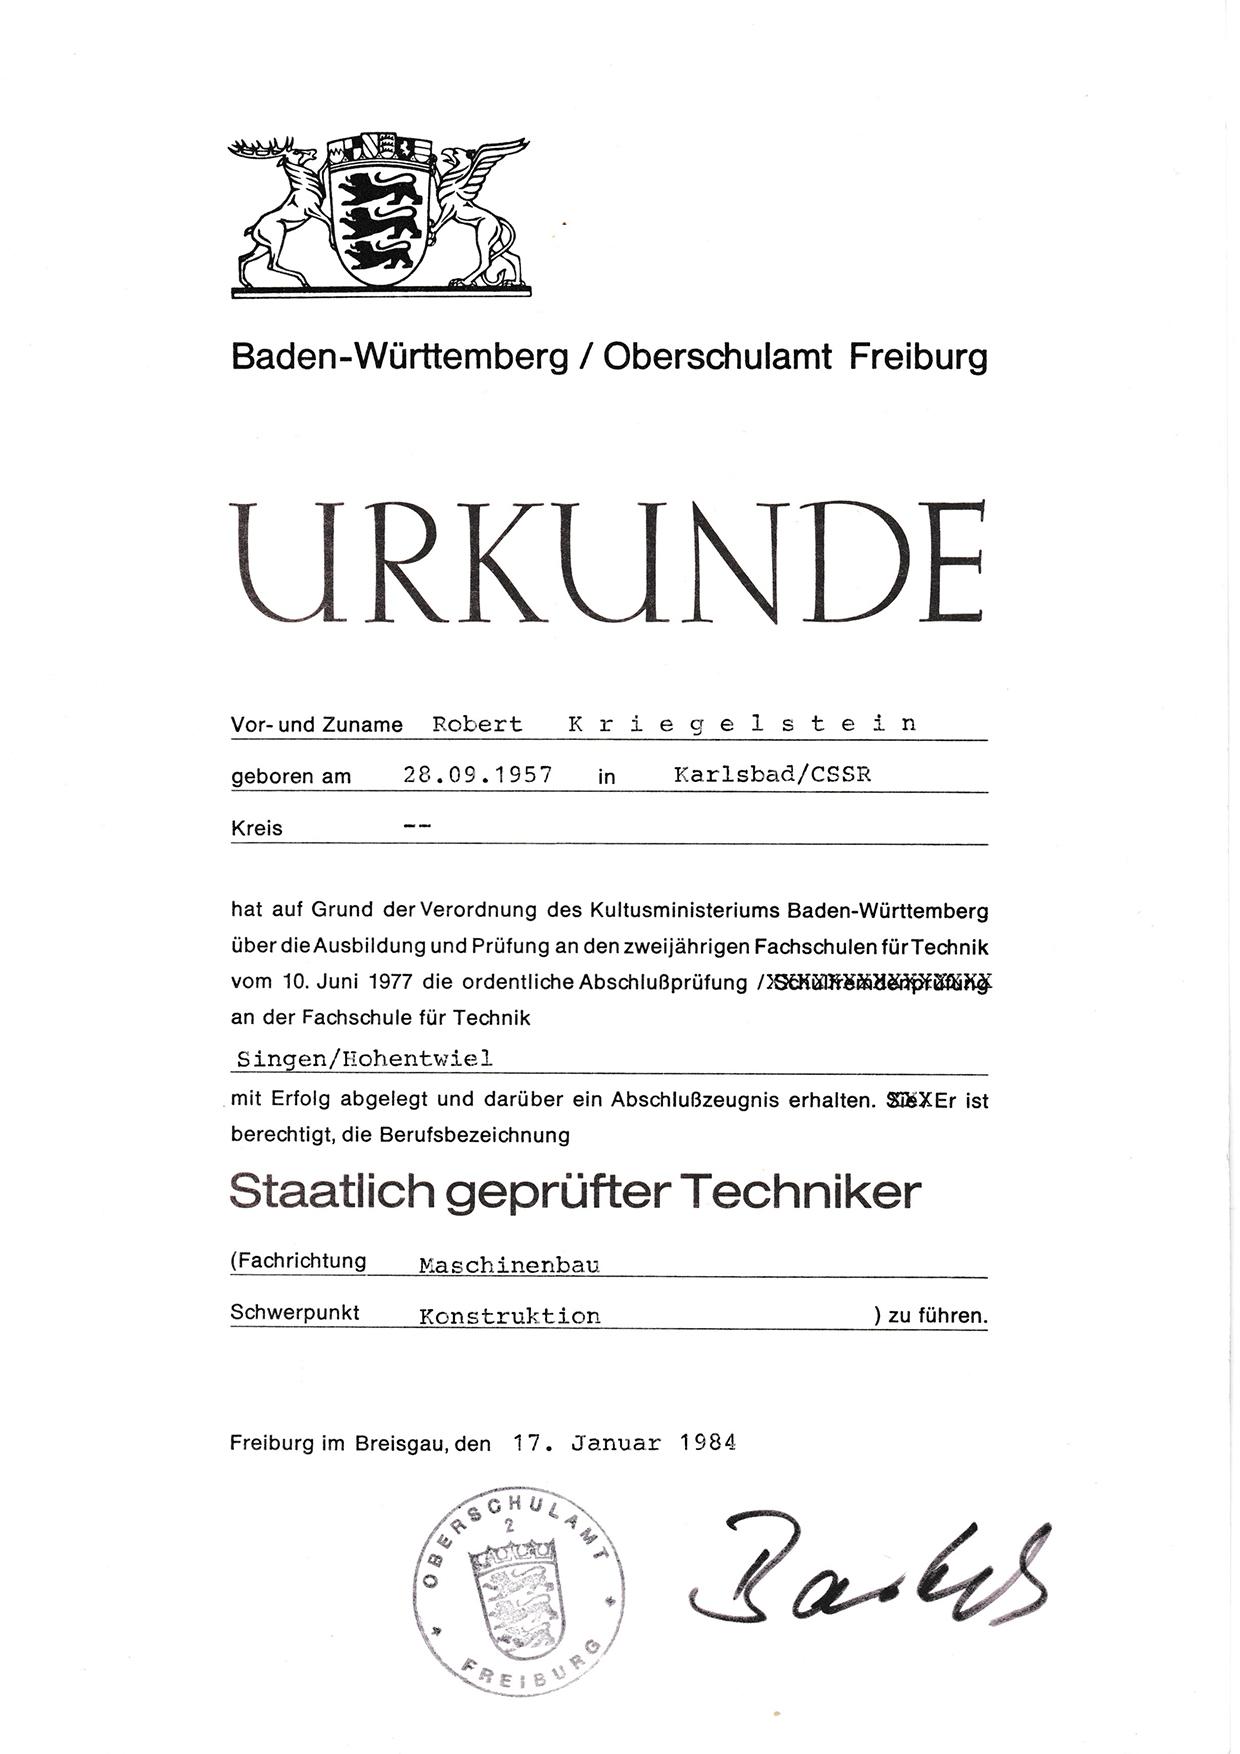 RK - Urkunde